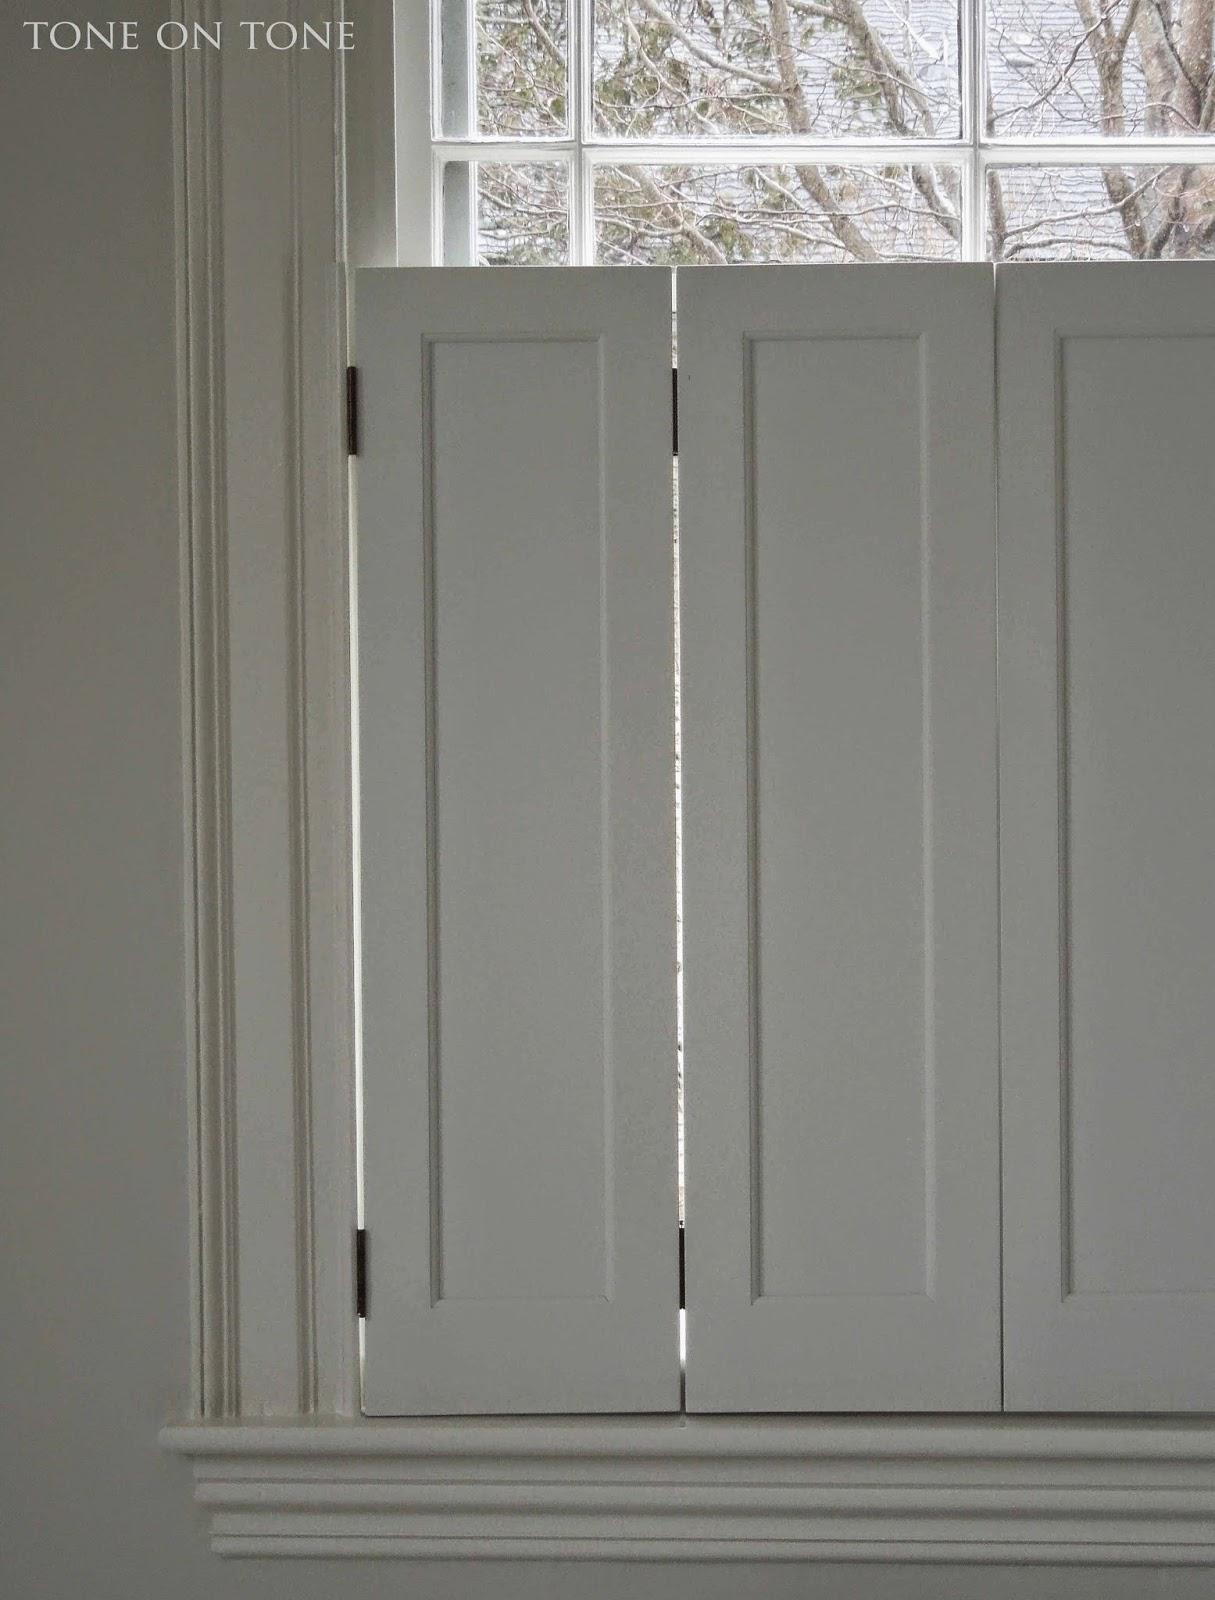 Window with Shutters On the Door